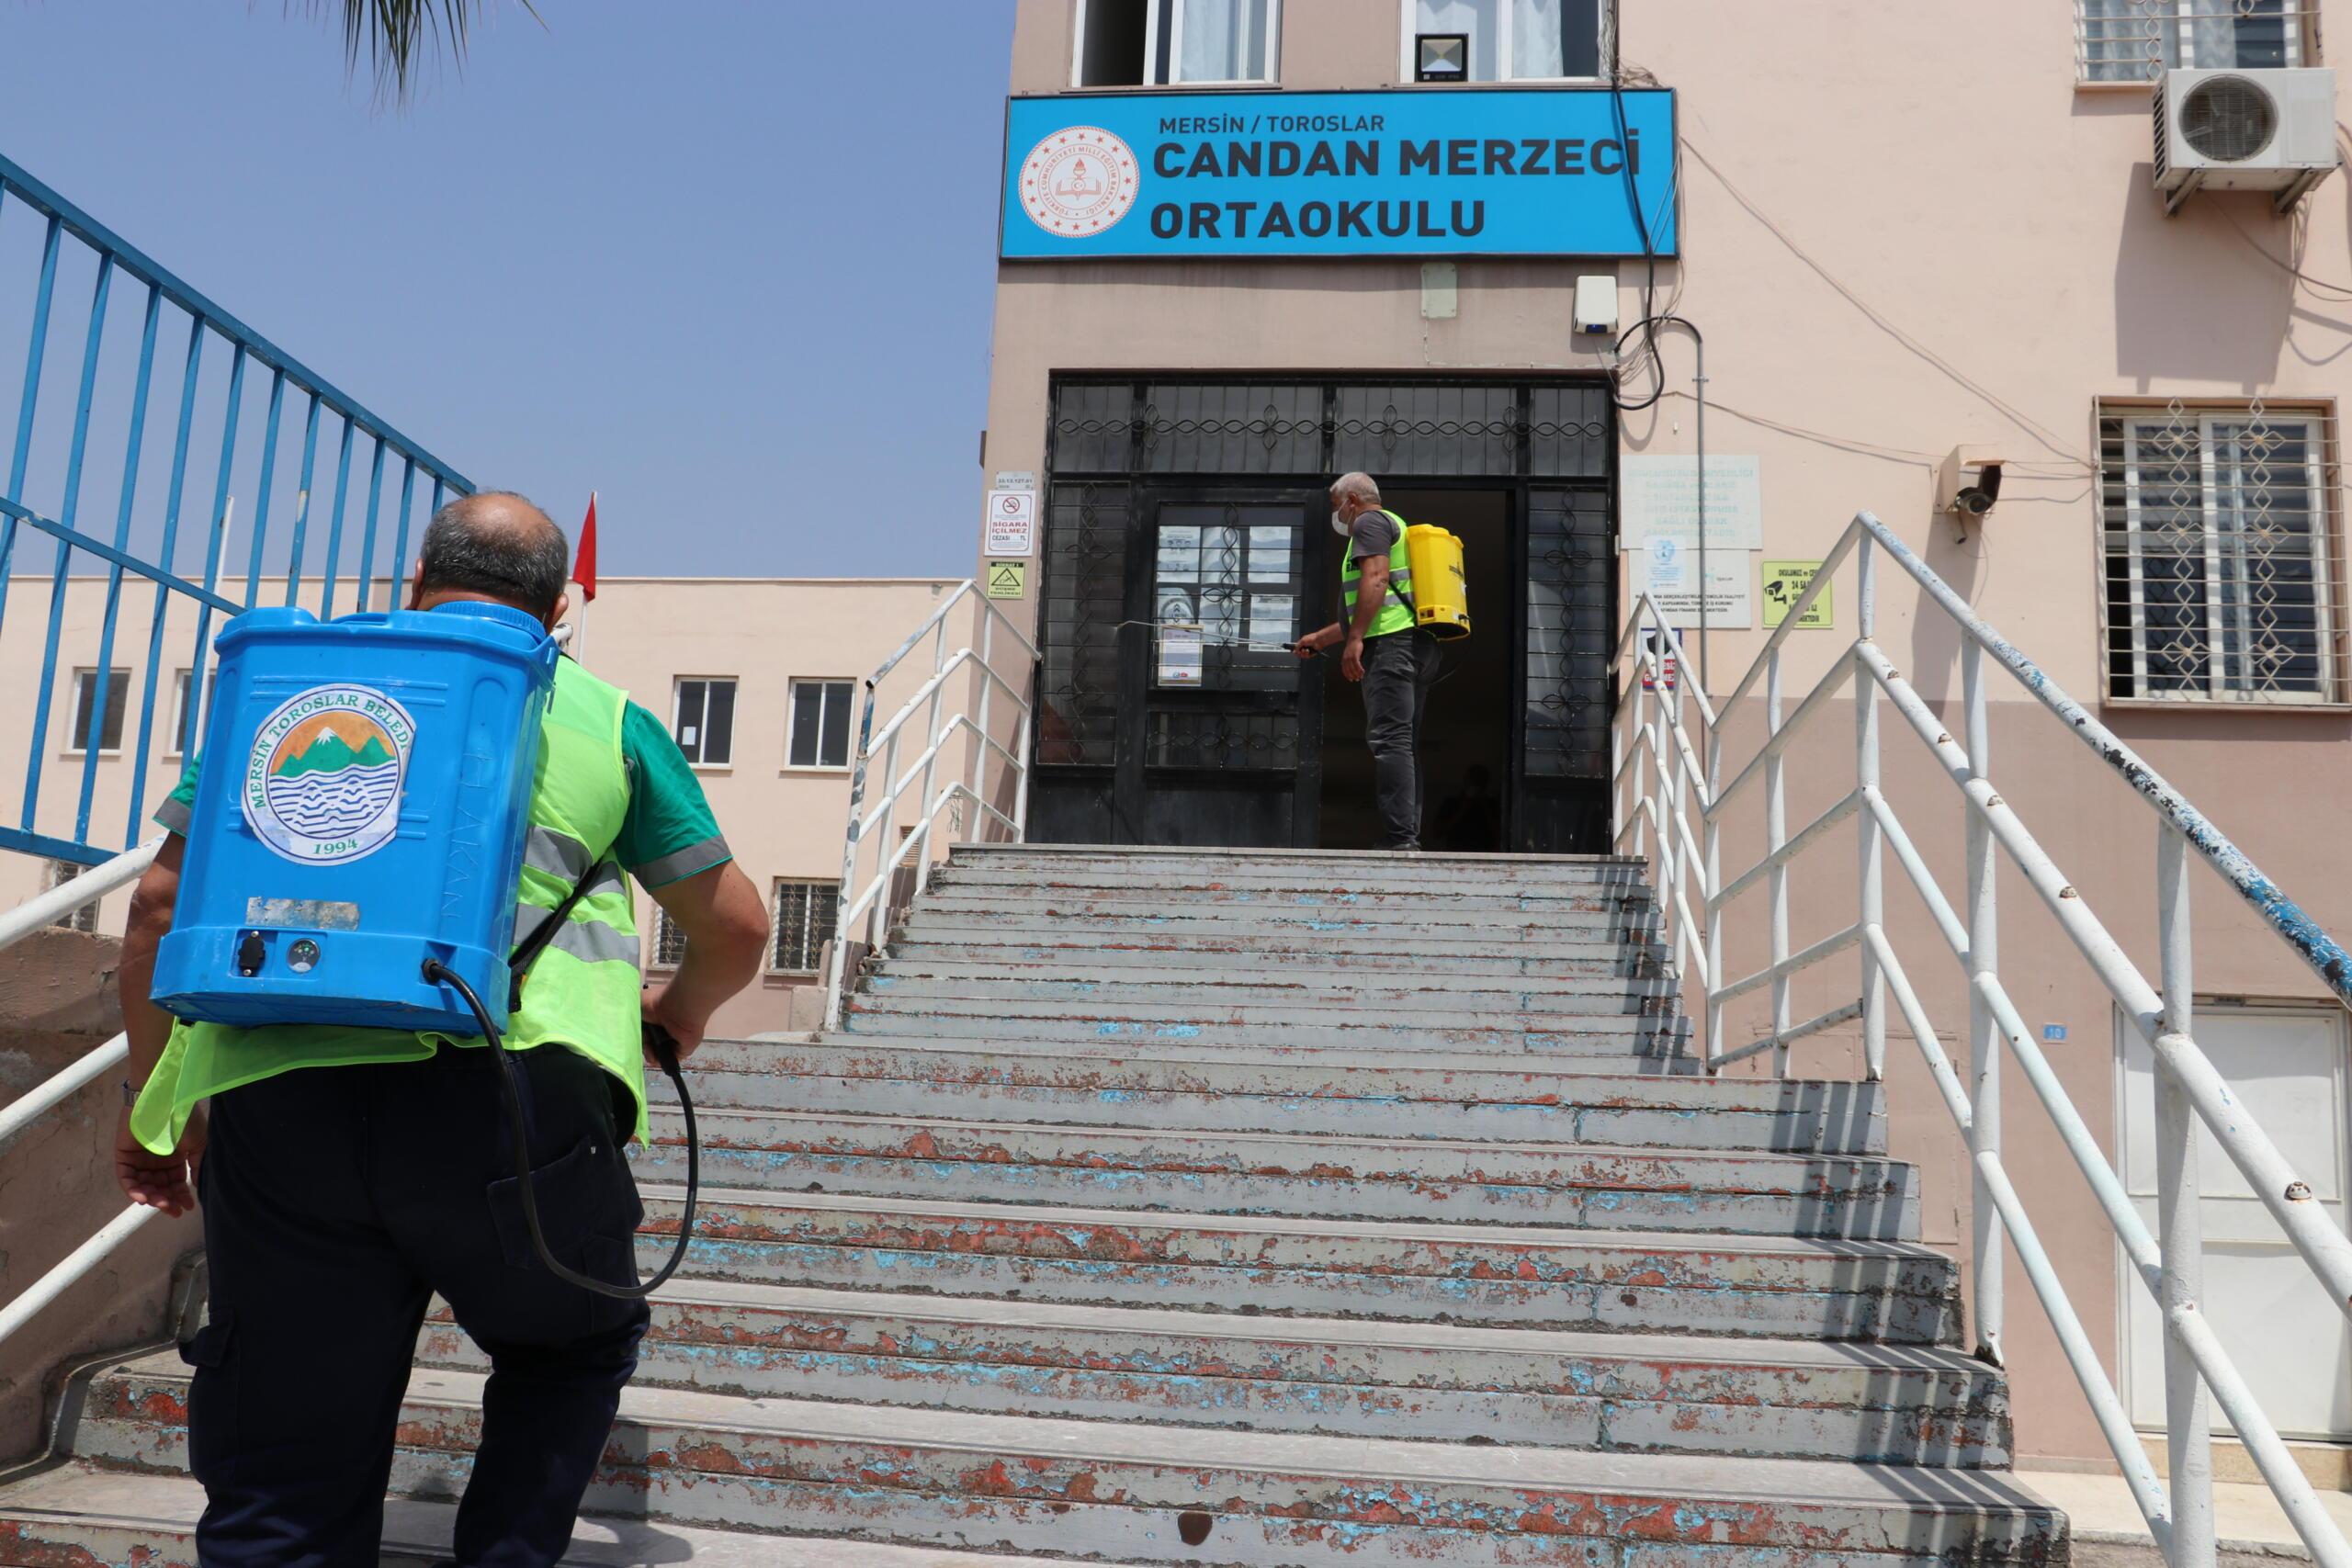 TOROSLAR'DA OKULLAR LGS ÖNCESİ DEZENFEKTE EDİLDİ